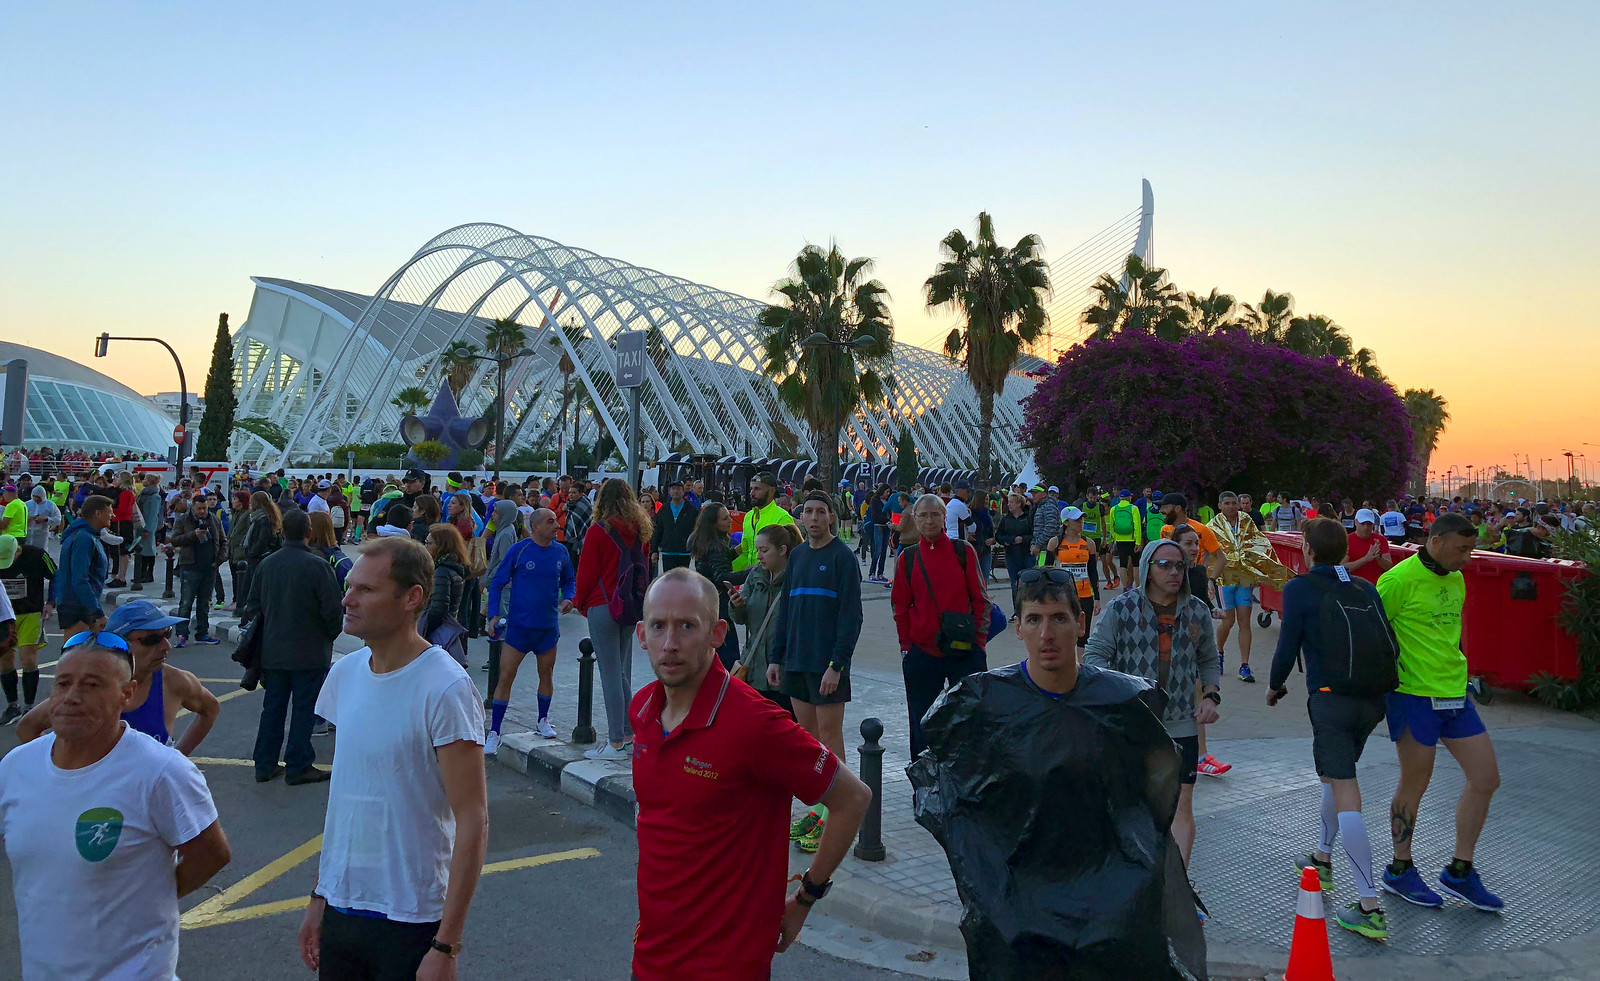 Correr el Maratón de Valencia, España - Marathon Spain maratón de valencia - 40234009223 98845a9ccd h - Maratón de Valencia: análisis, recorrido, entrenamiento y recomendaciones de viaje